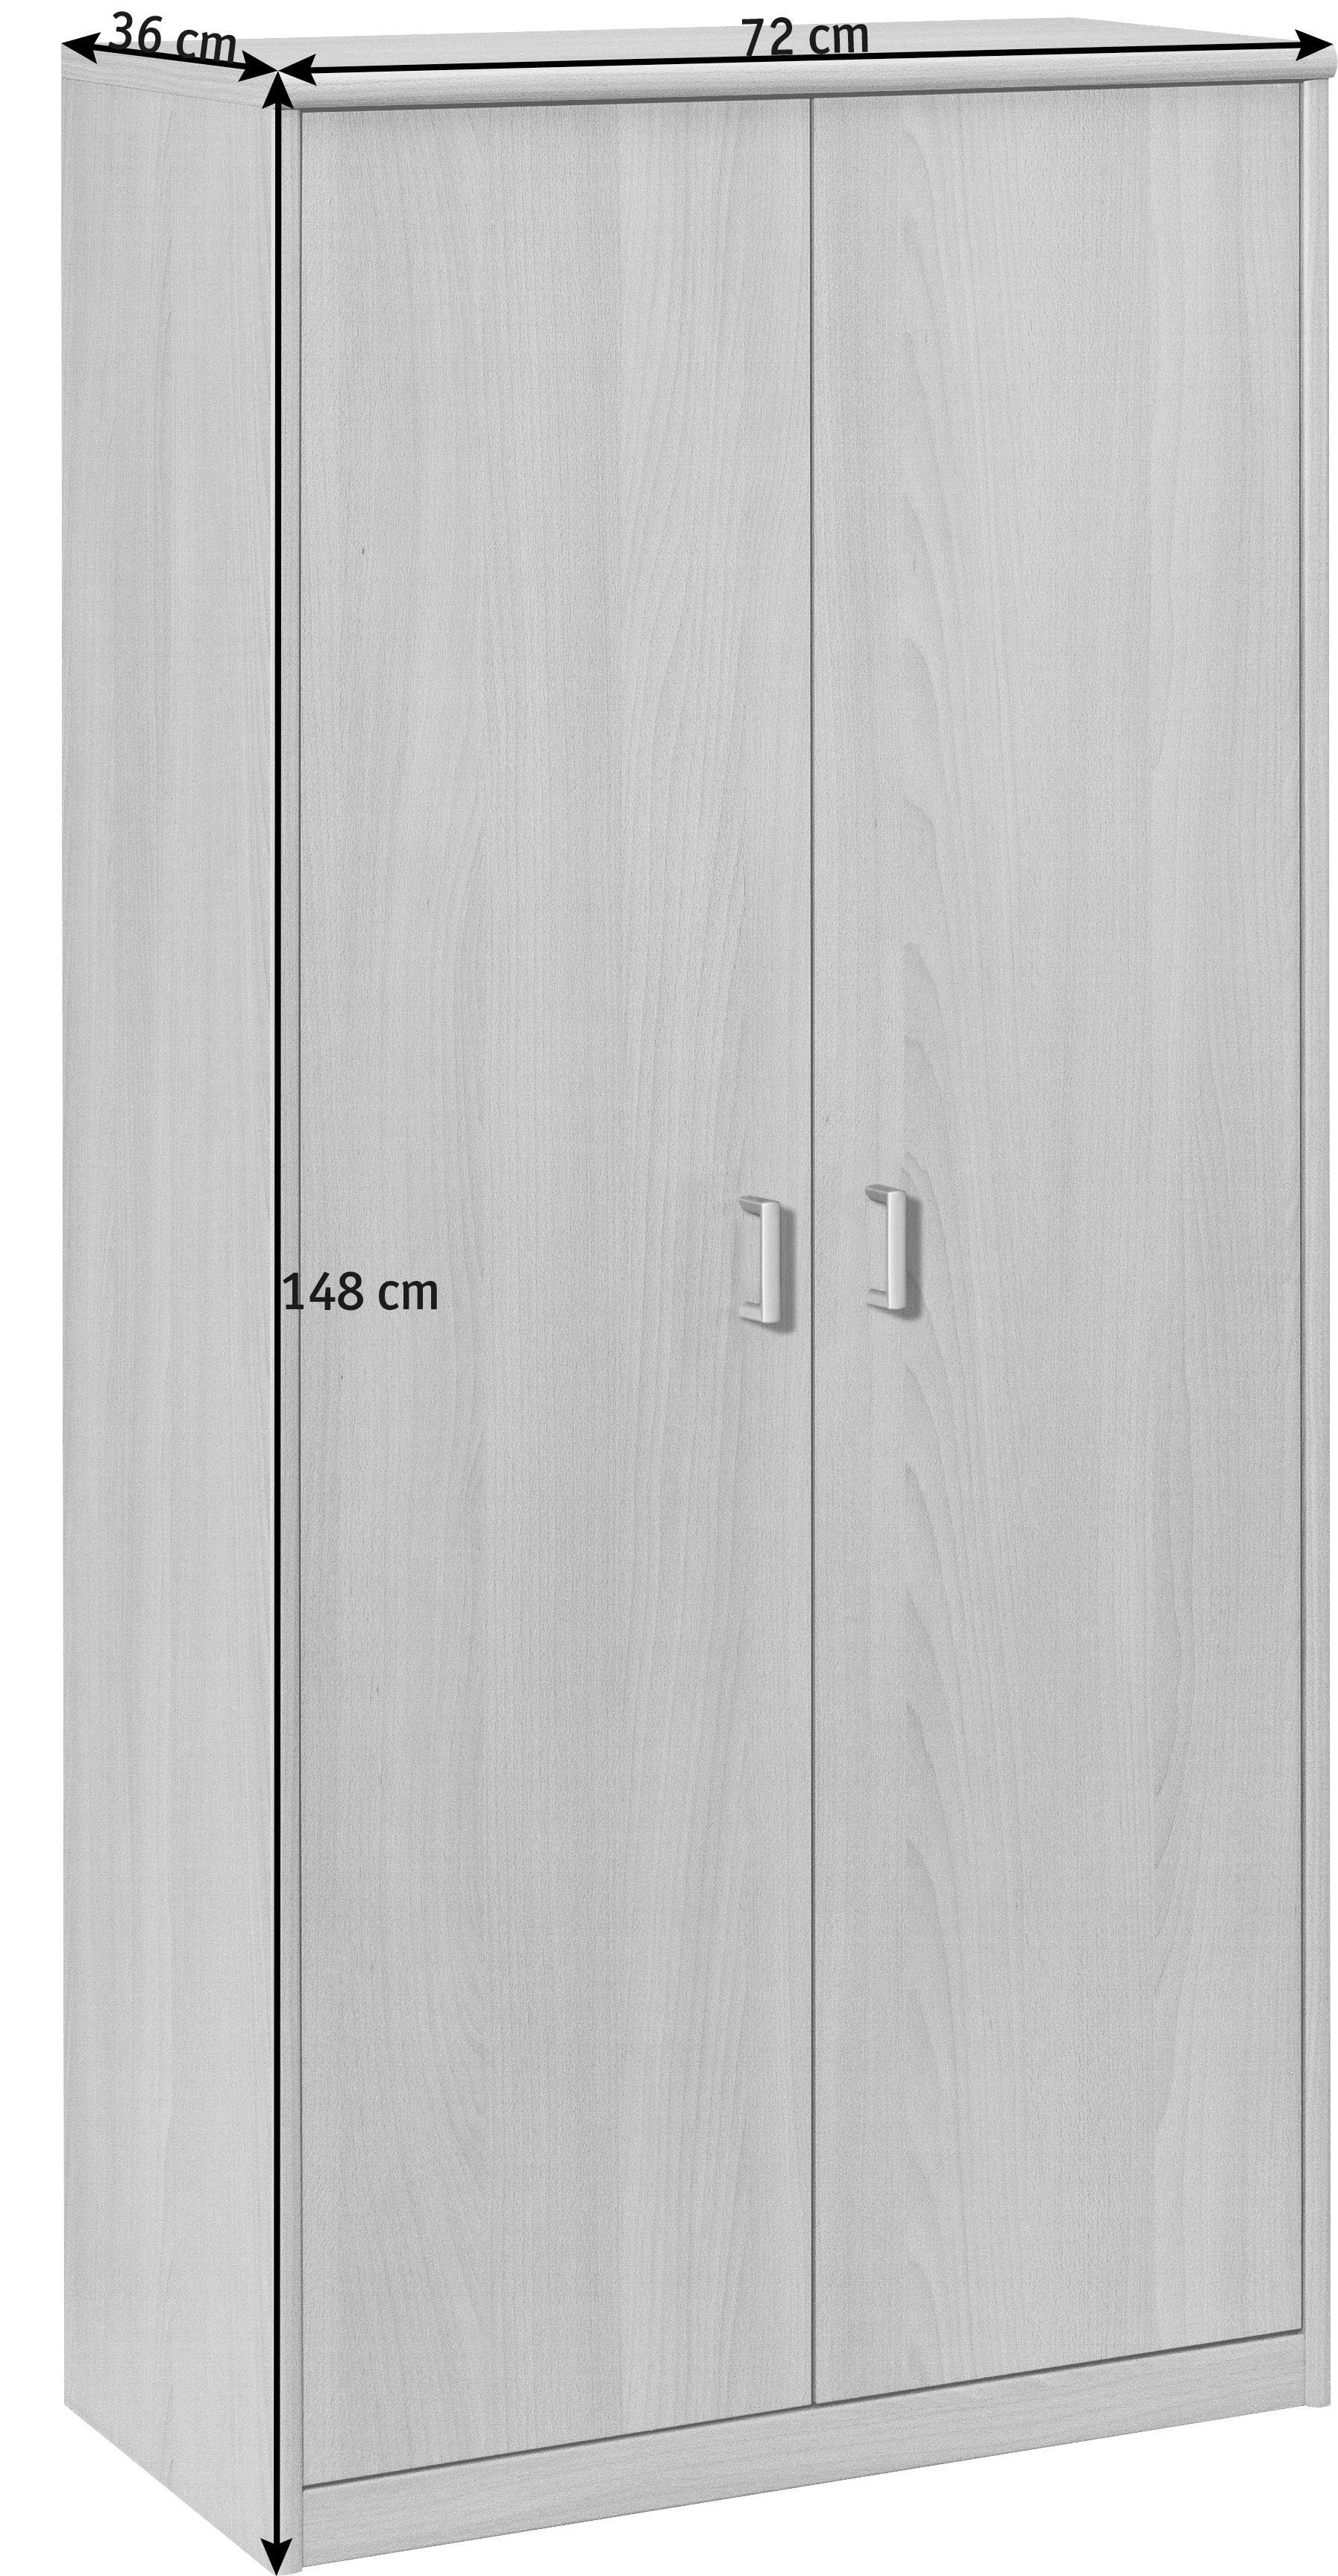 MEHRZWECKSCHRANK in Buchefarben - Silberfarben/Buchefarben, KONVENTIONELL, Holzwerkstoff/Kunststoff (72/148/36cm) - CS SCHMAL